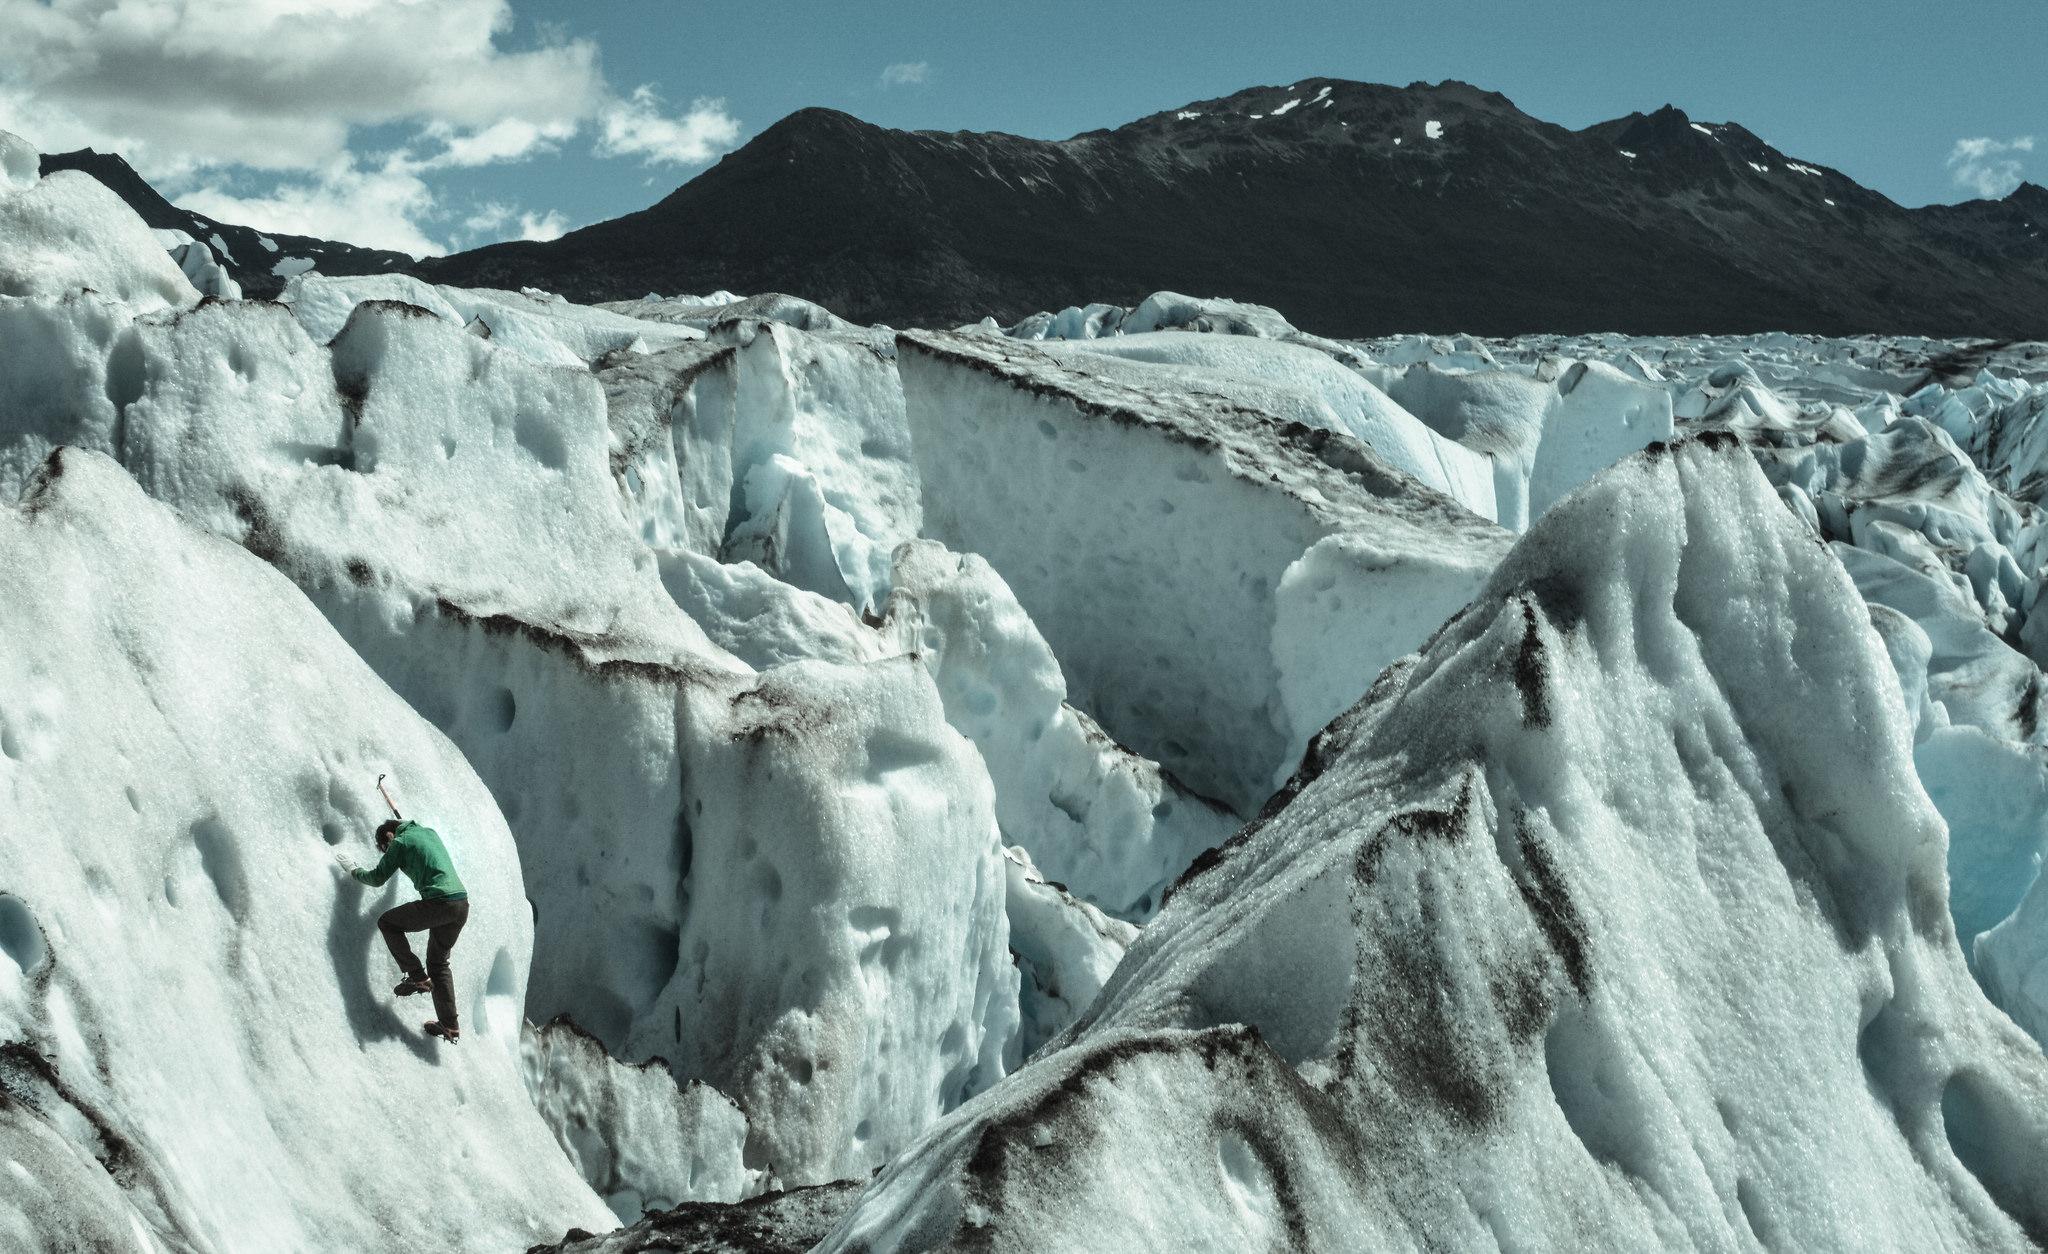 Casual Glacier Climb - Viedma Glacier, Patagonia